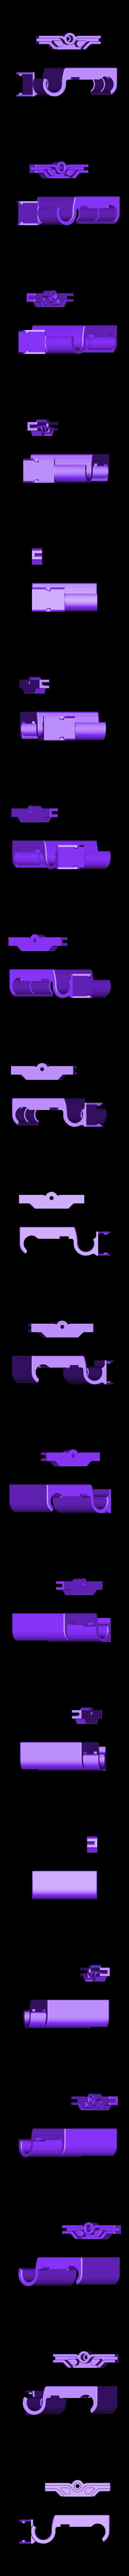 x_carriage_variant_nema_17_holes.stl Télécharger fichier STL gratuit Prusa i3 X-Carriage Prusa sans fermeture à glissière • Plan pour imprimante 3D, Palemar